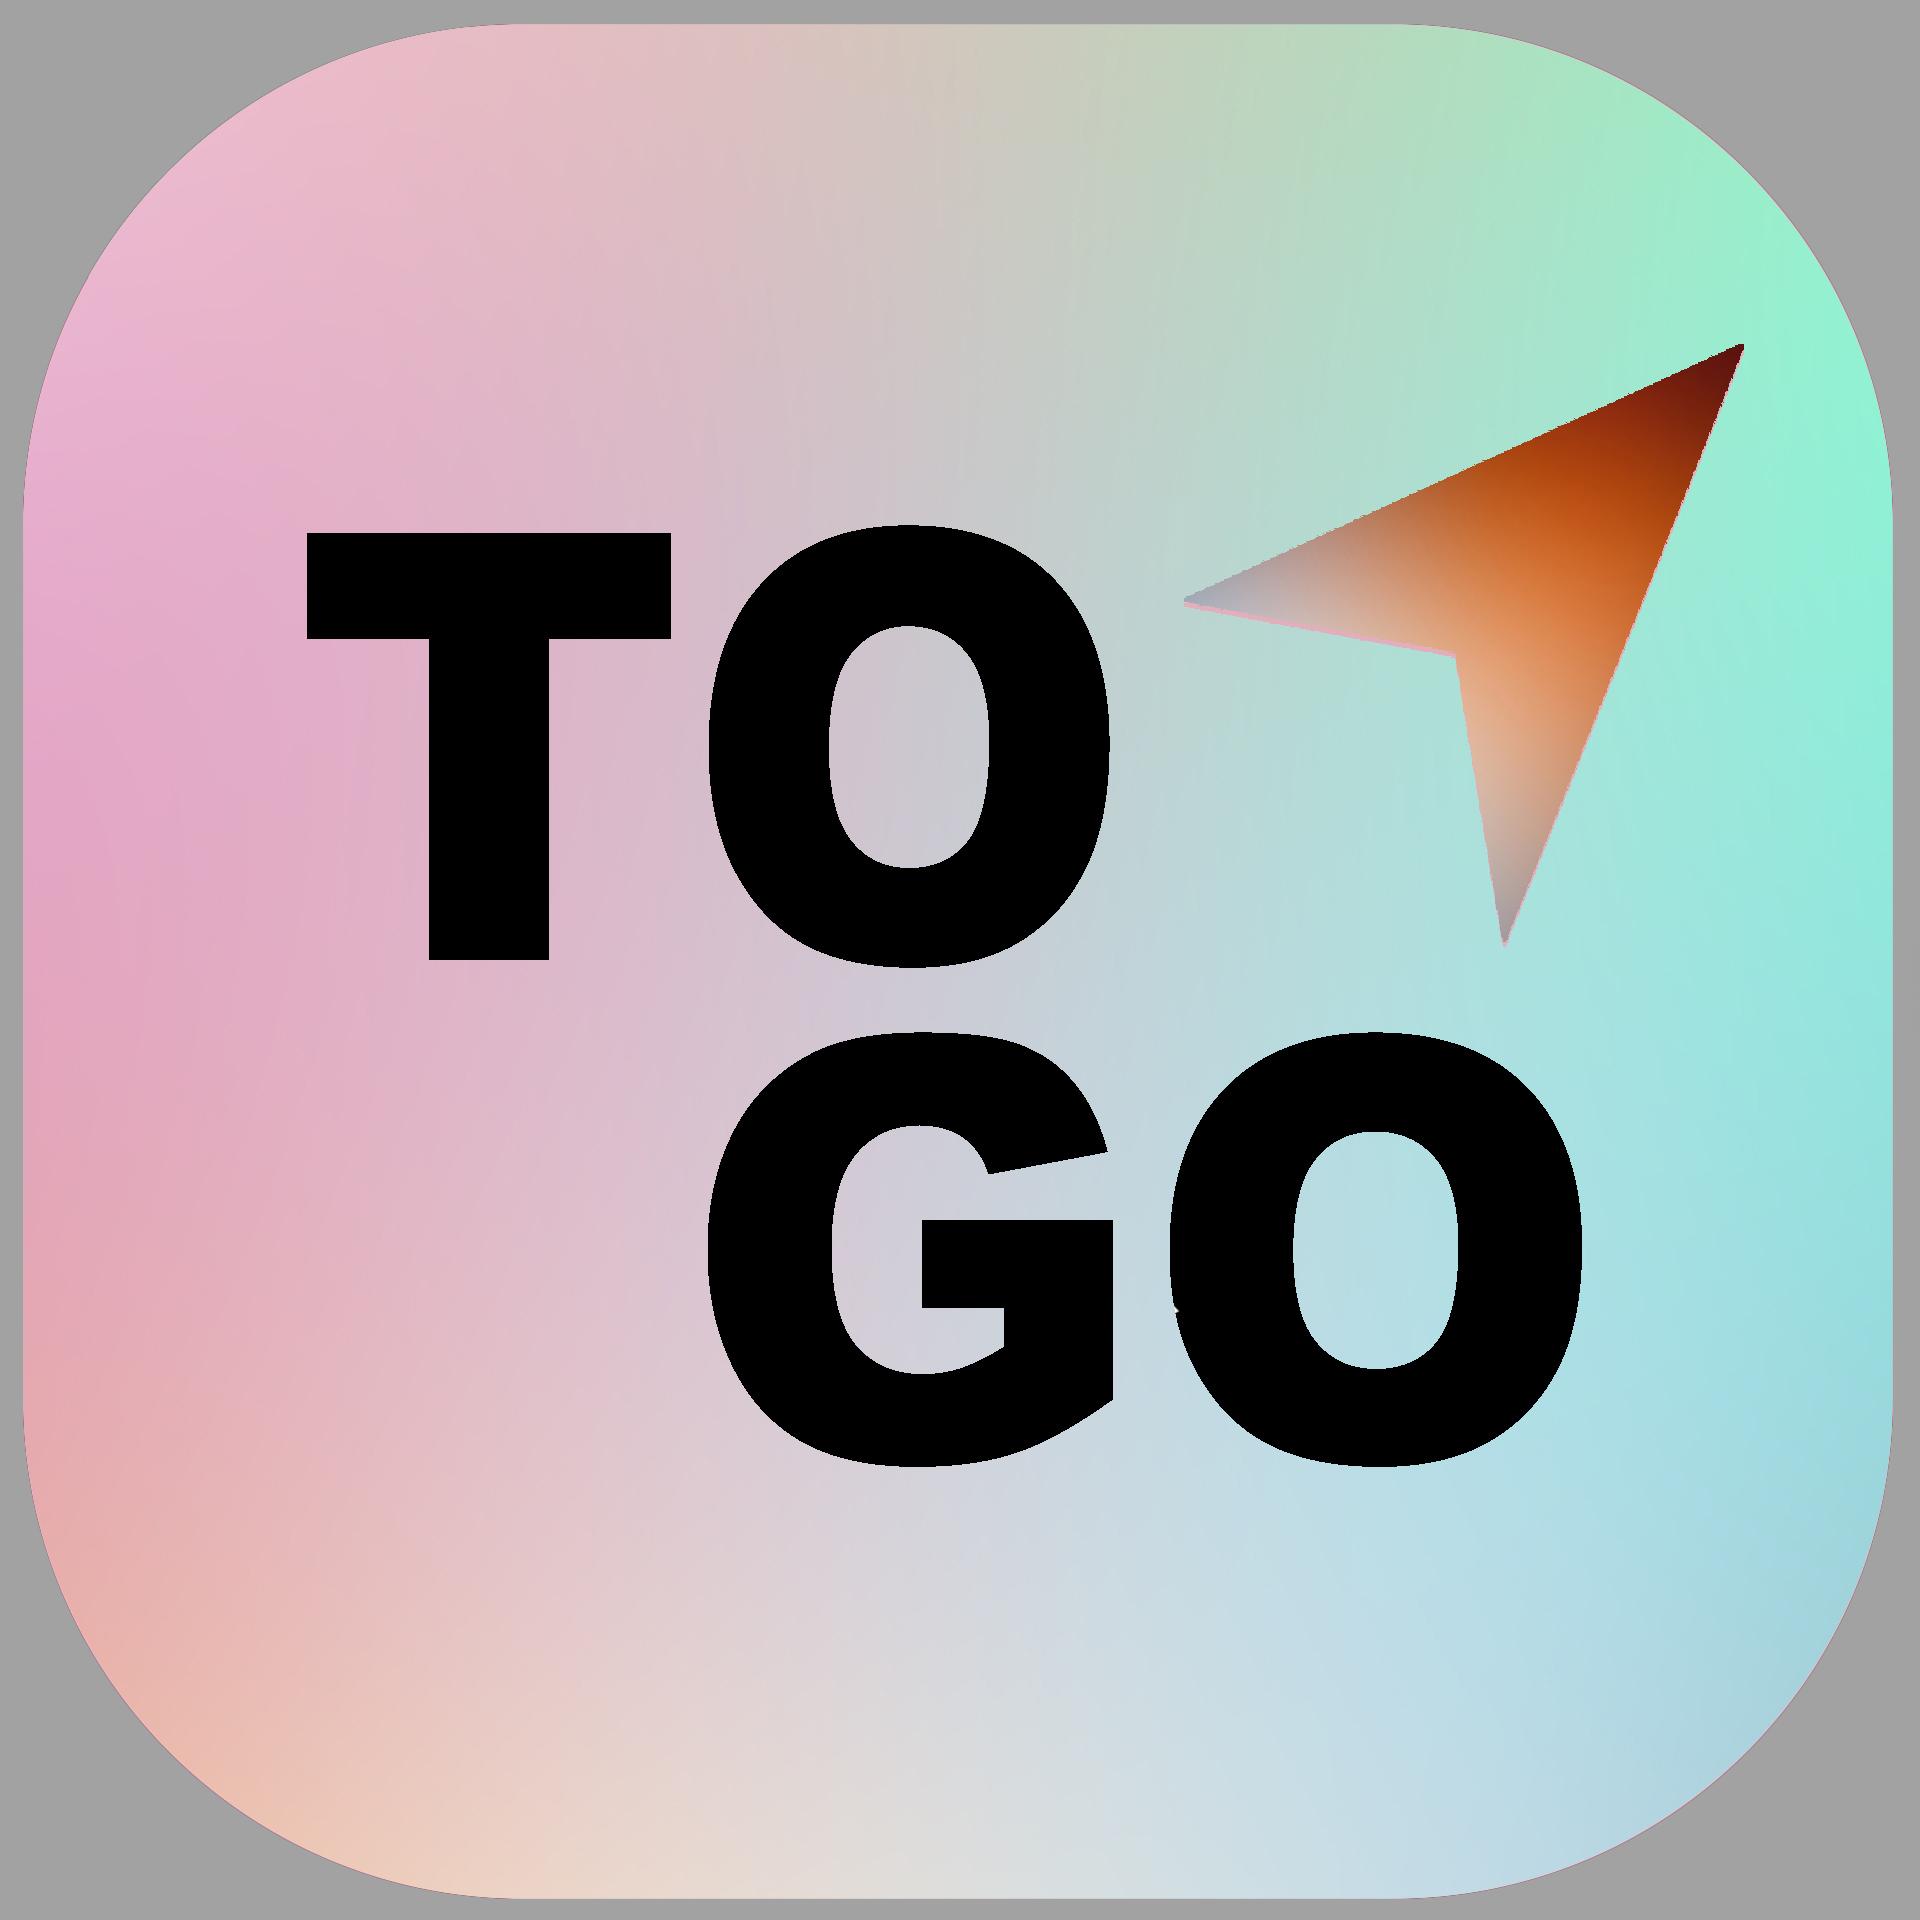 Разработать логотип и экран загрузки приложения фото f_8885a85afe450425.jpg